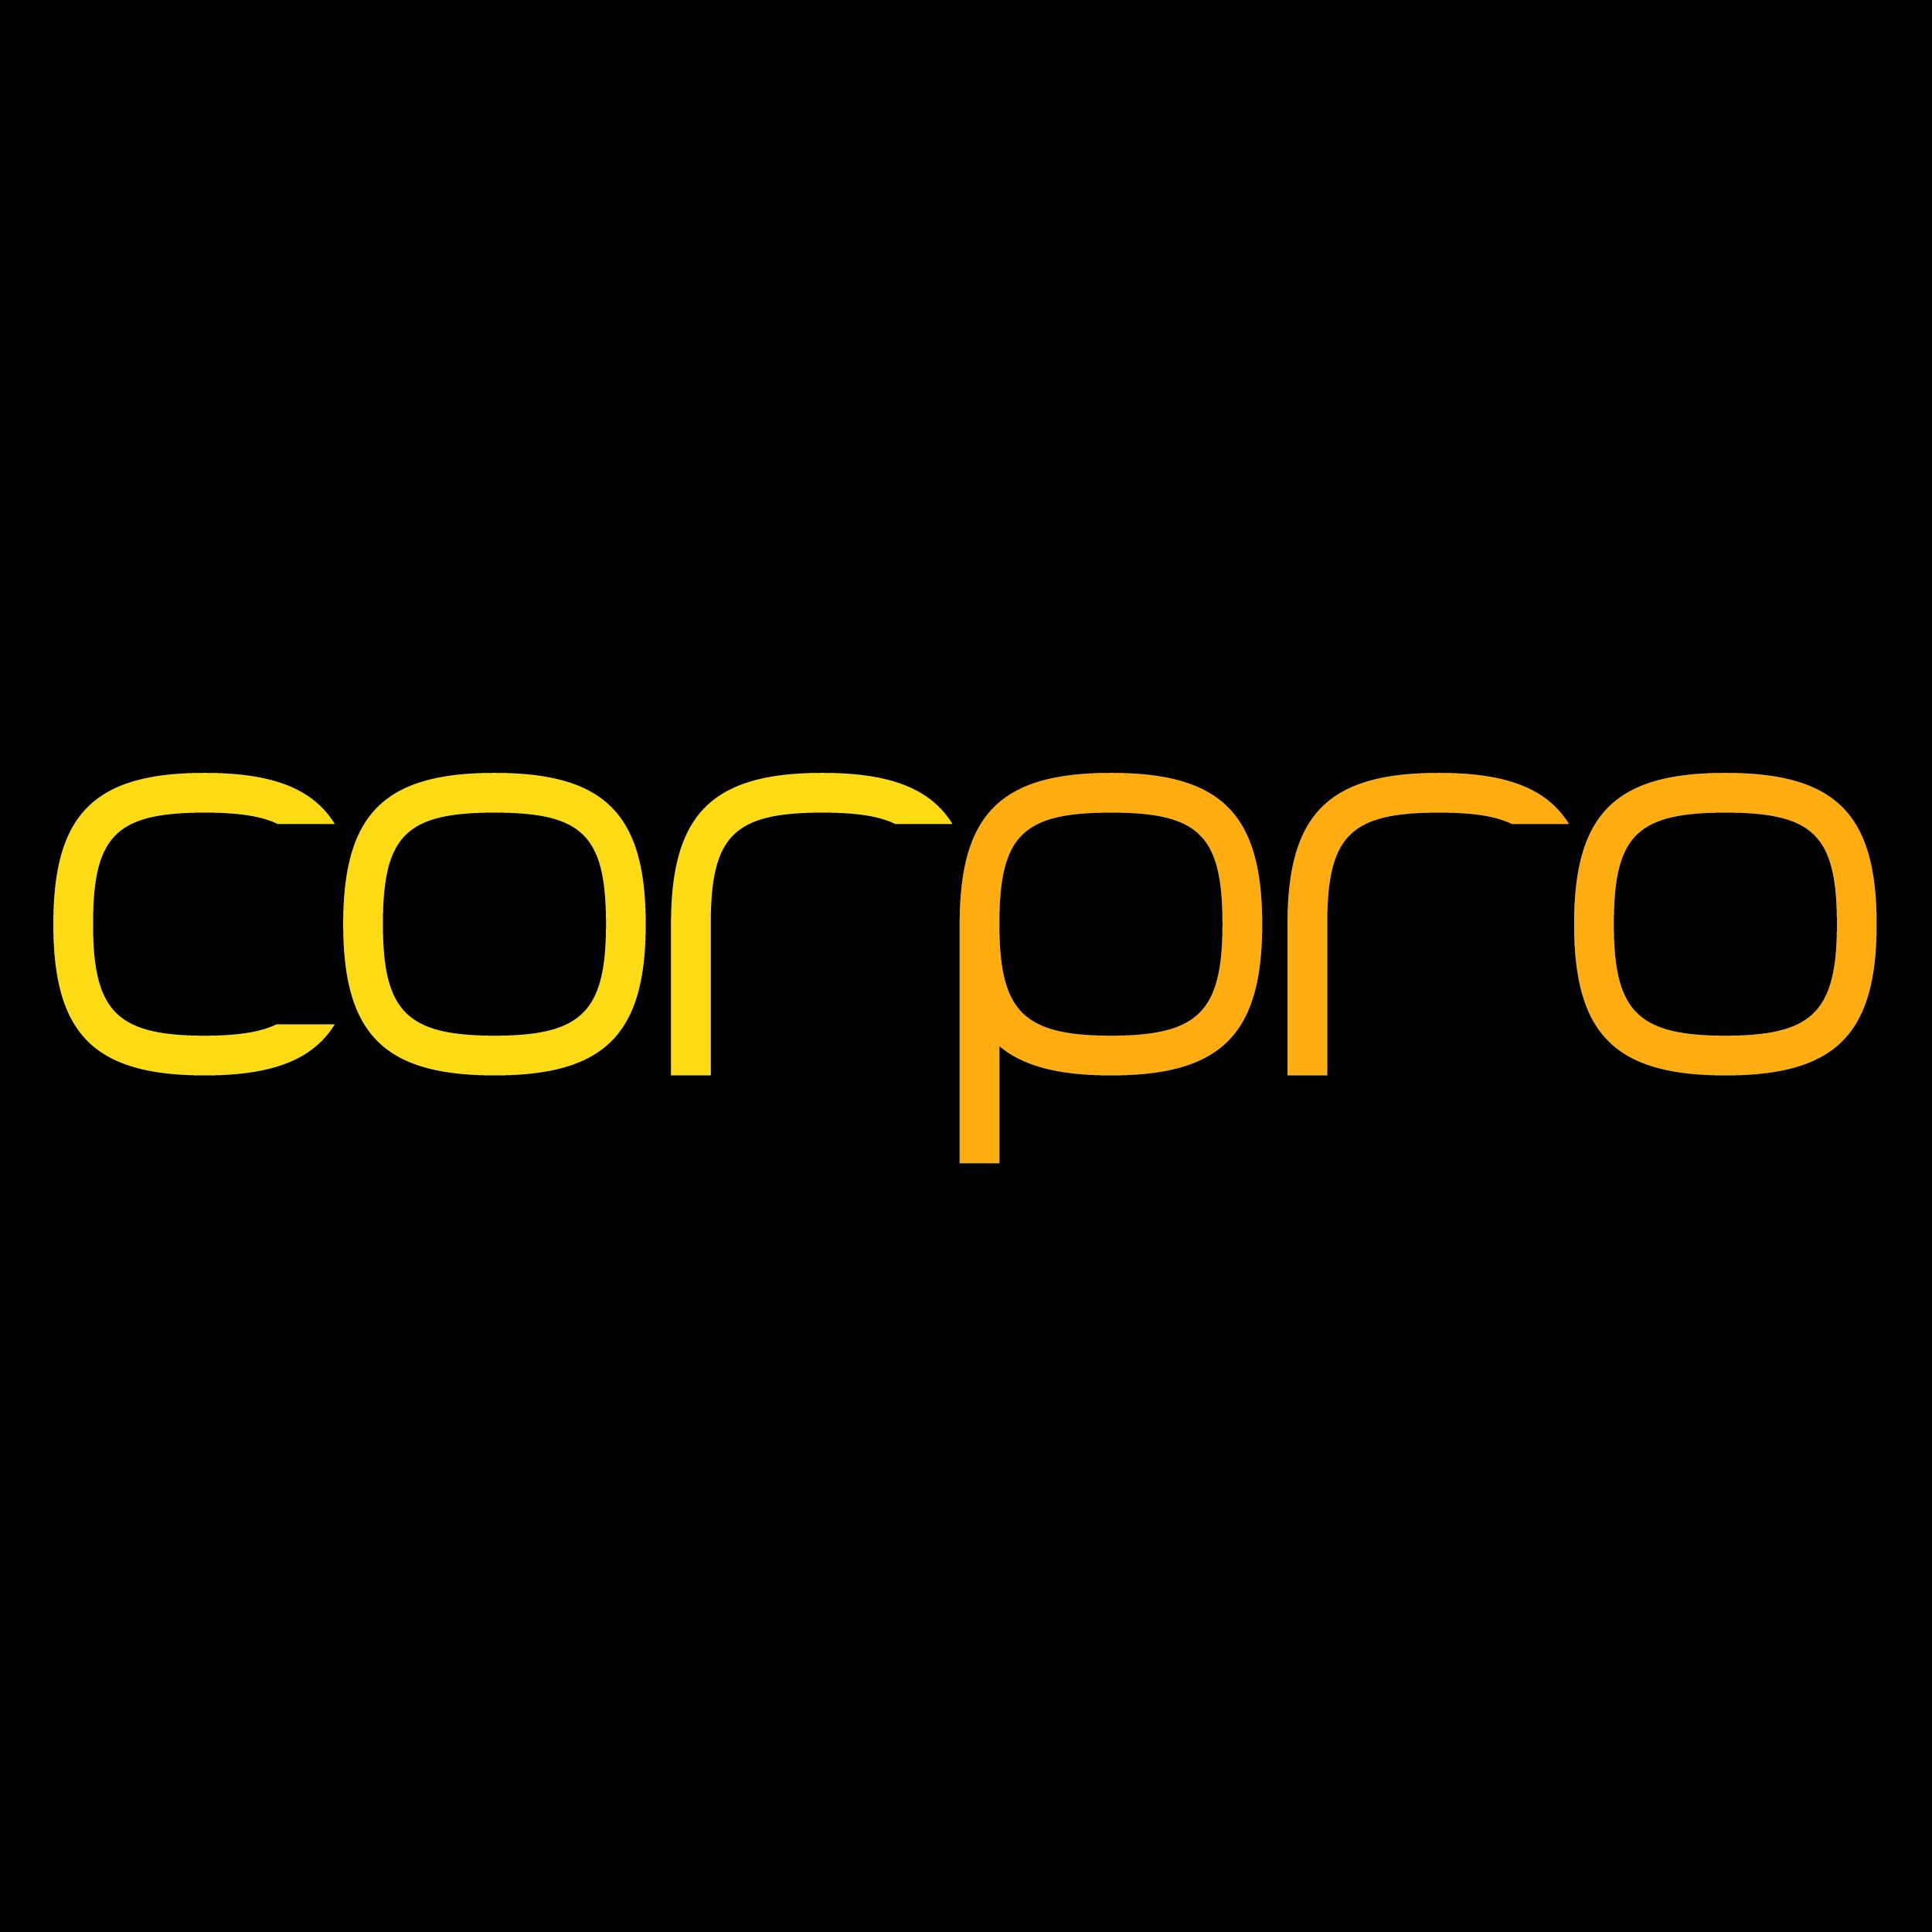 600×600 Corpro Logo-01